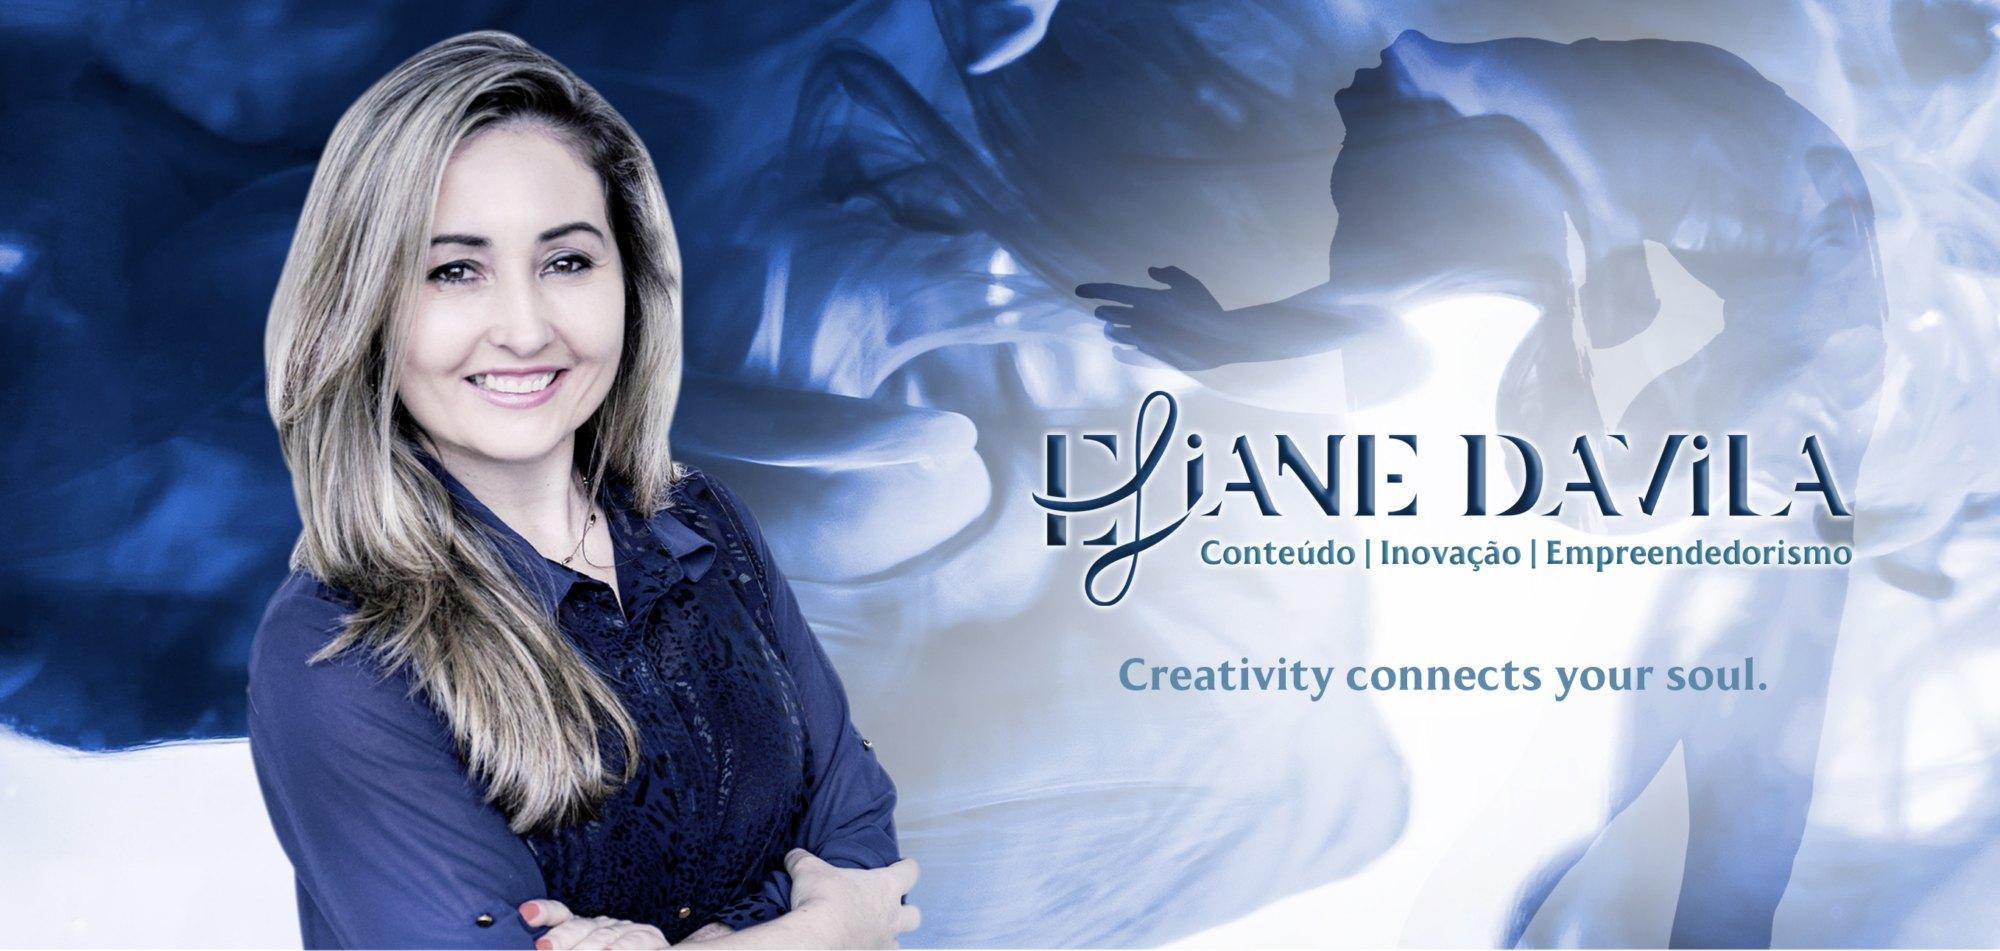 Eliane Davila - Conteúdo | Inovação | Empreendedorismo